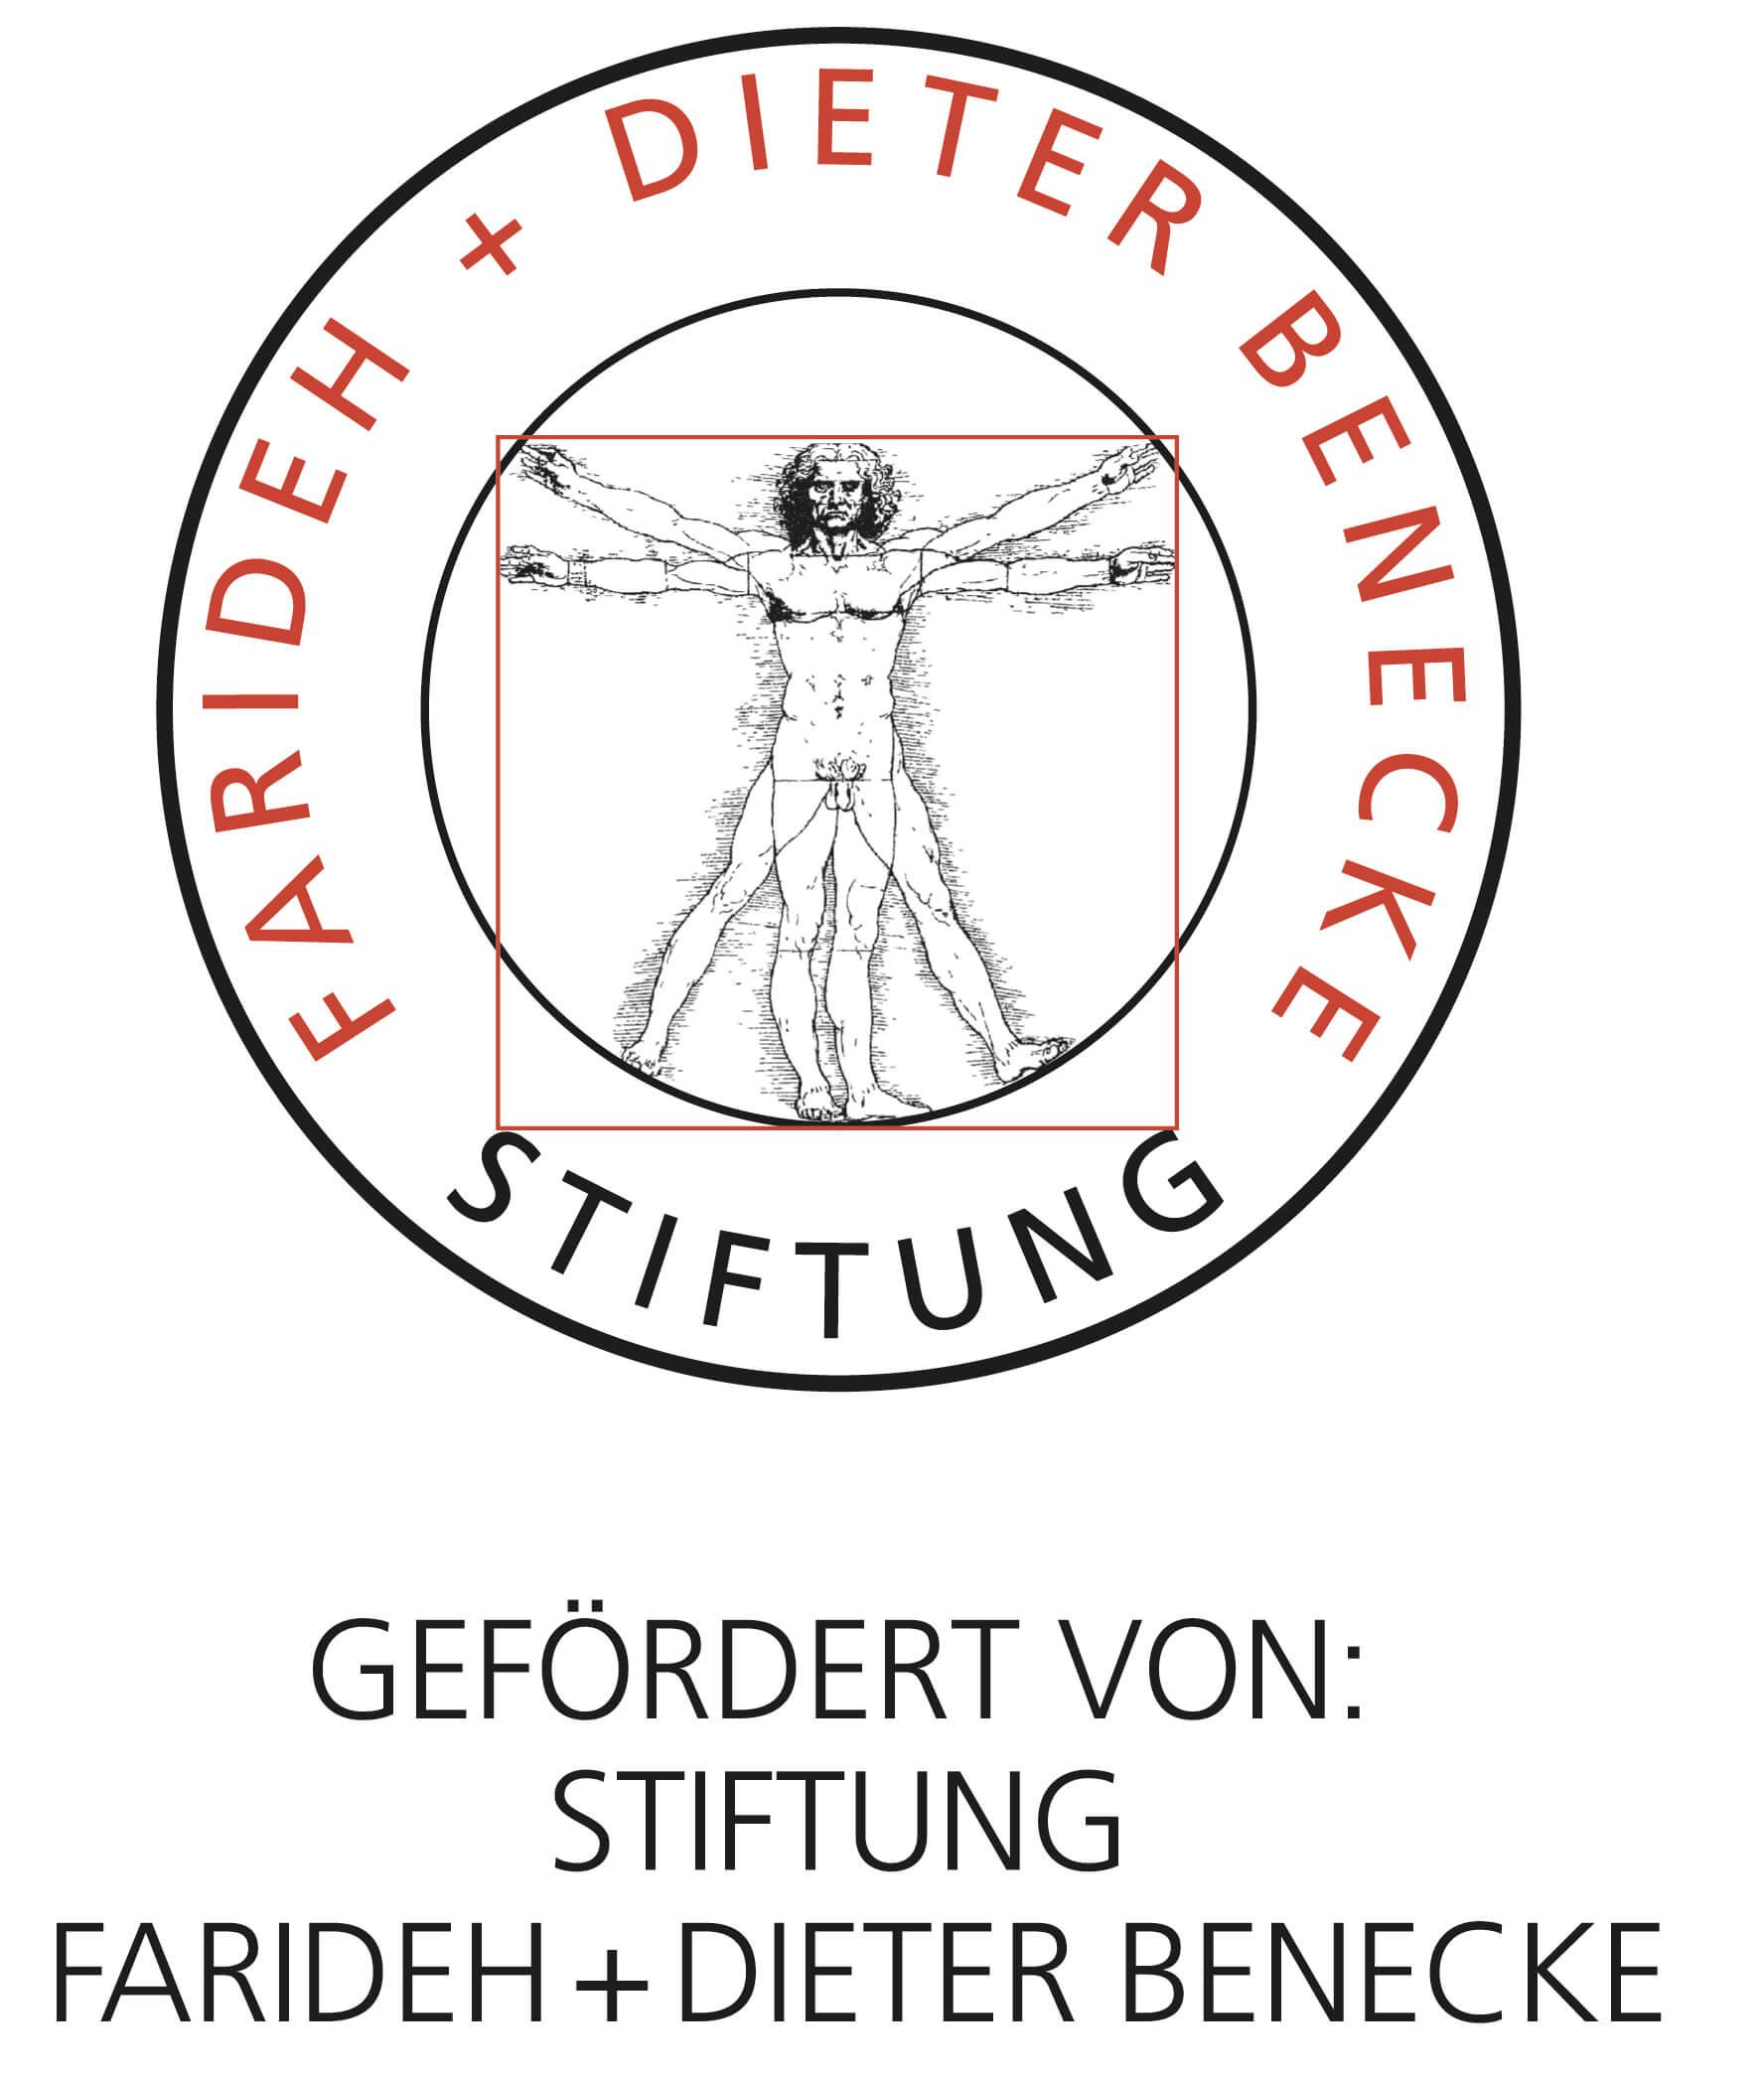 Förderung Farideh + Dieter Benecke Stiftung Esche Jugendkunsthaus